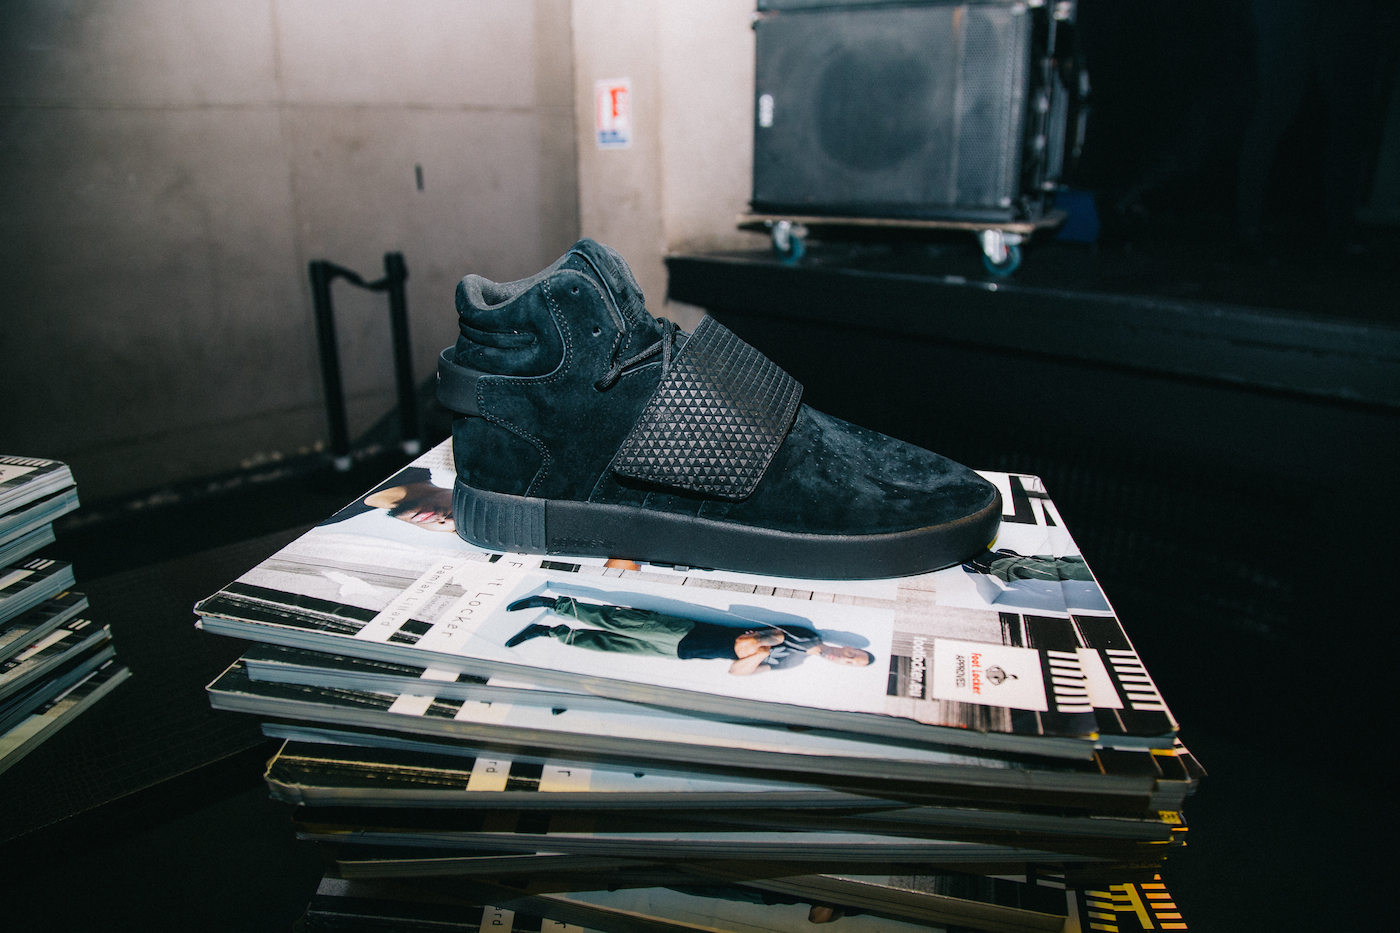 adidas-originals-foot-locker-tubular-invader-strap-event-paris-73.jpg